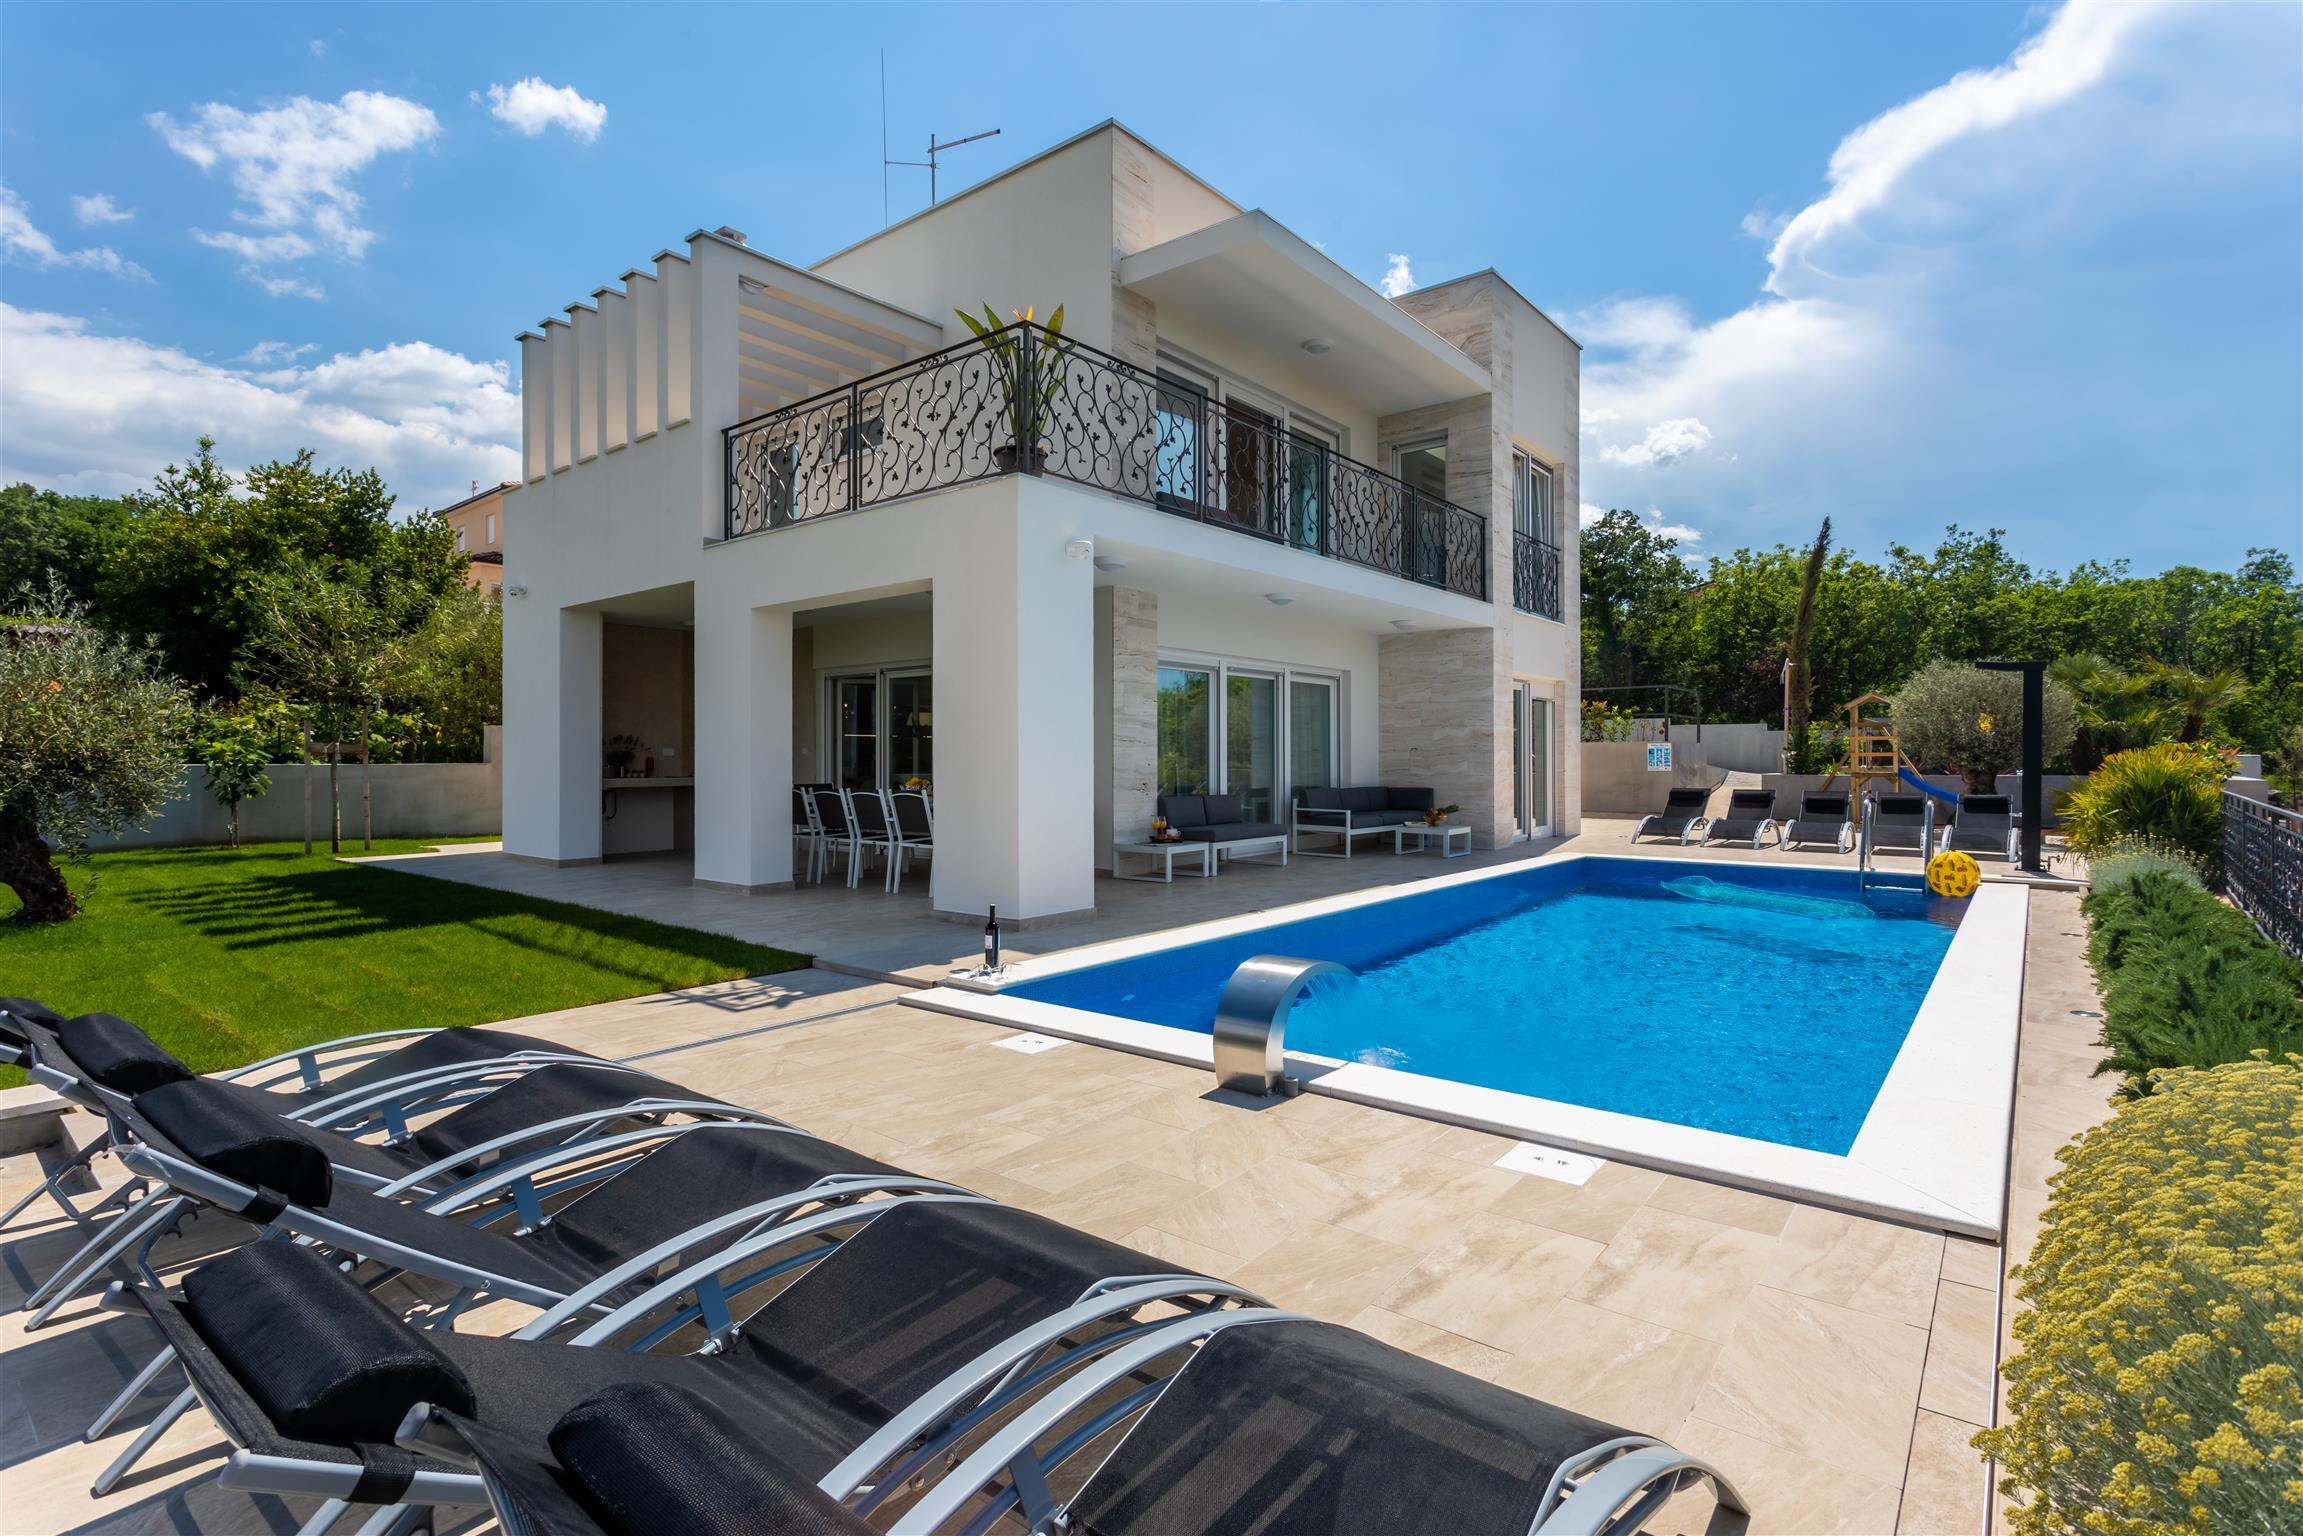 5 stars Villa Zarra with heated pool, jacuzzi, sauna and Seaview